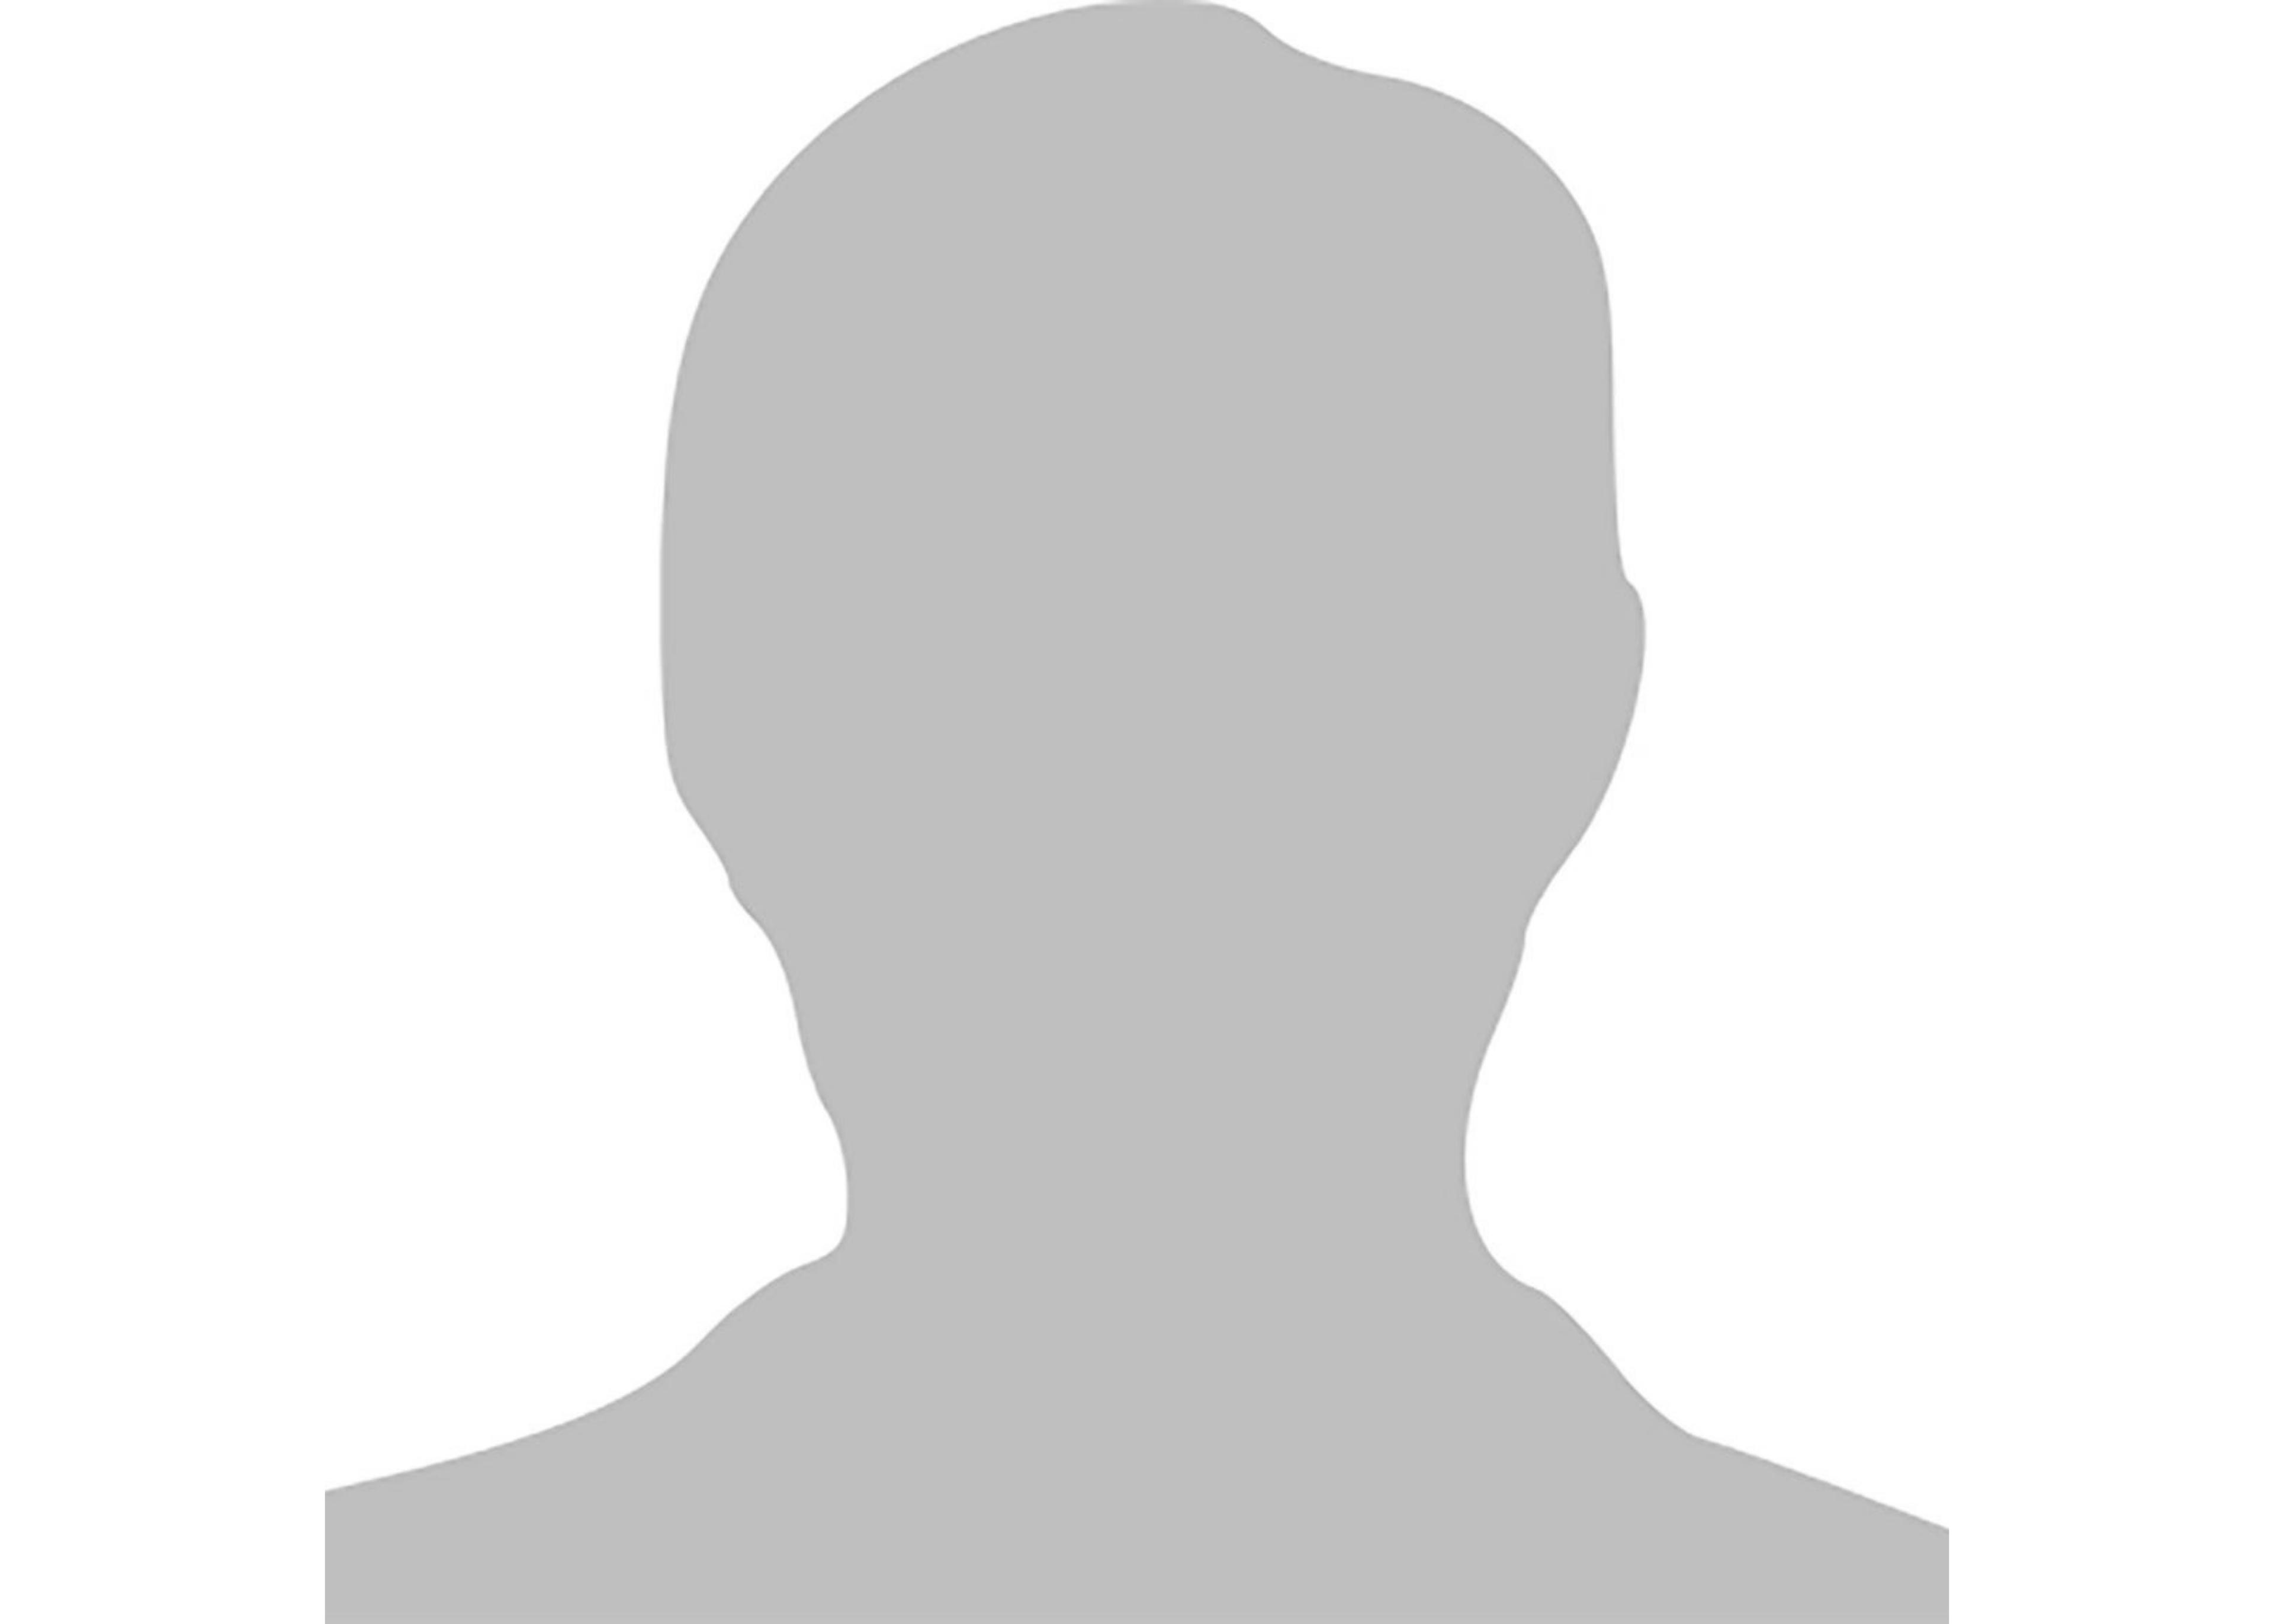 ein grauer Schatten von einem Kopf einer Person auf einem weißen Hintergrund